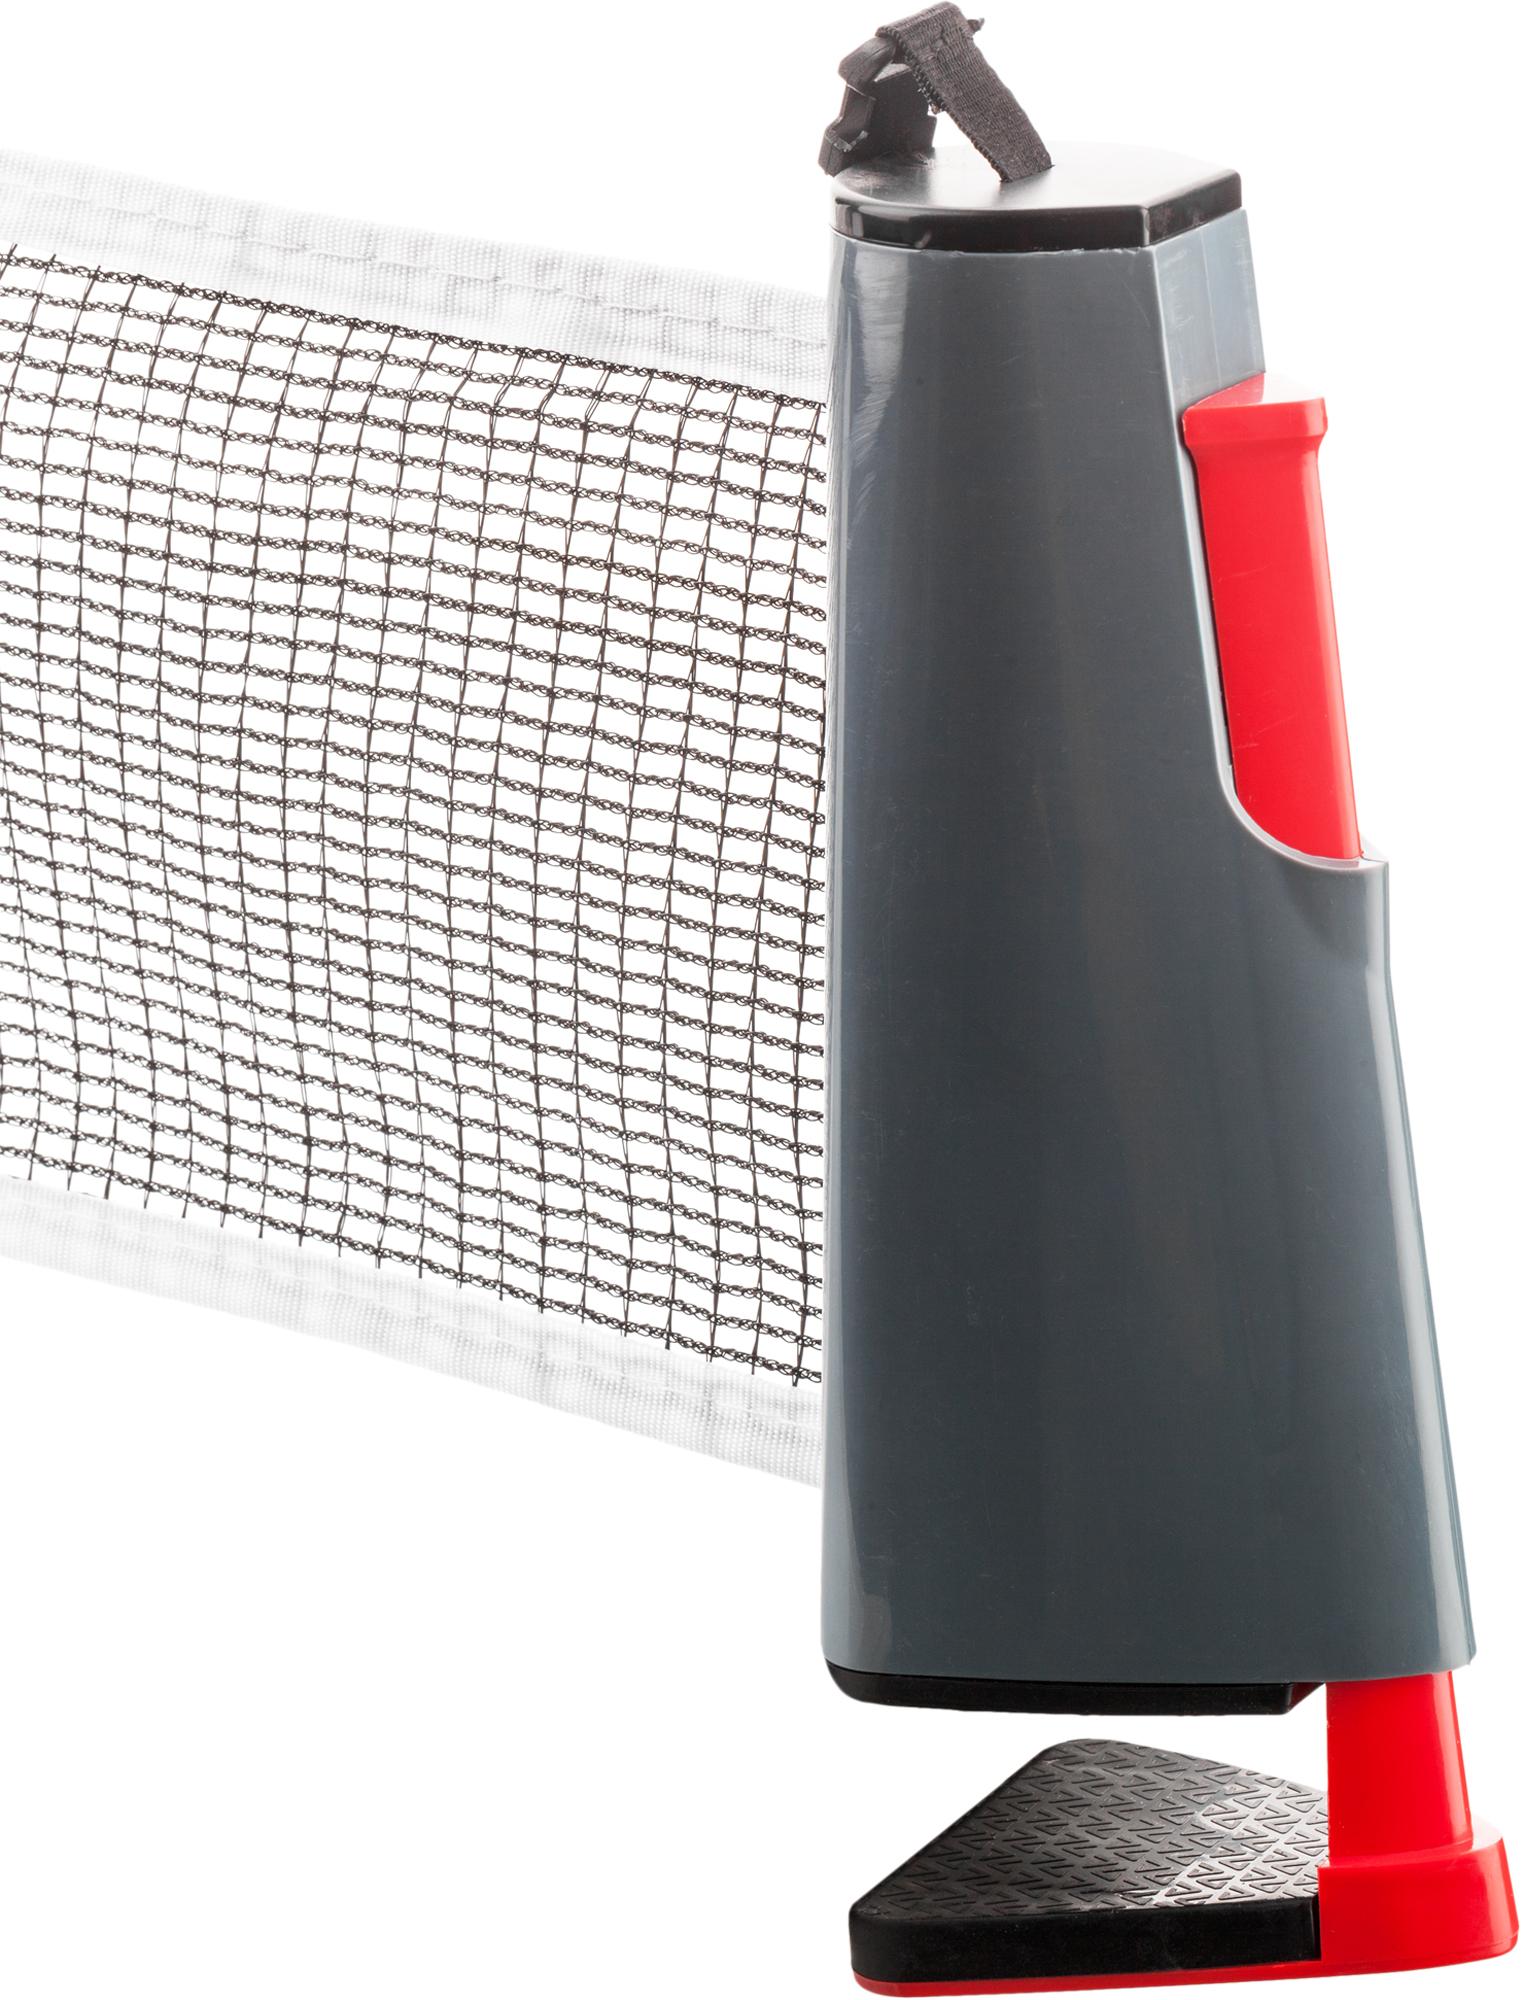 Torneo Сетка для настольного тенниса Torneo, размер Без размера цена